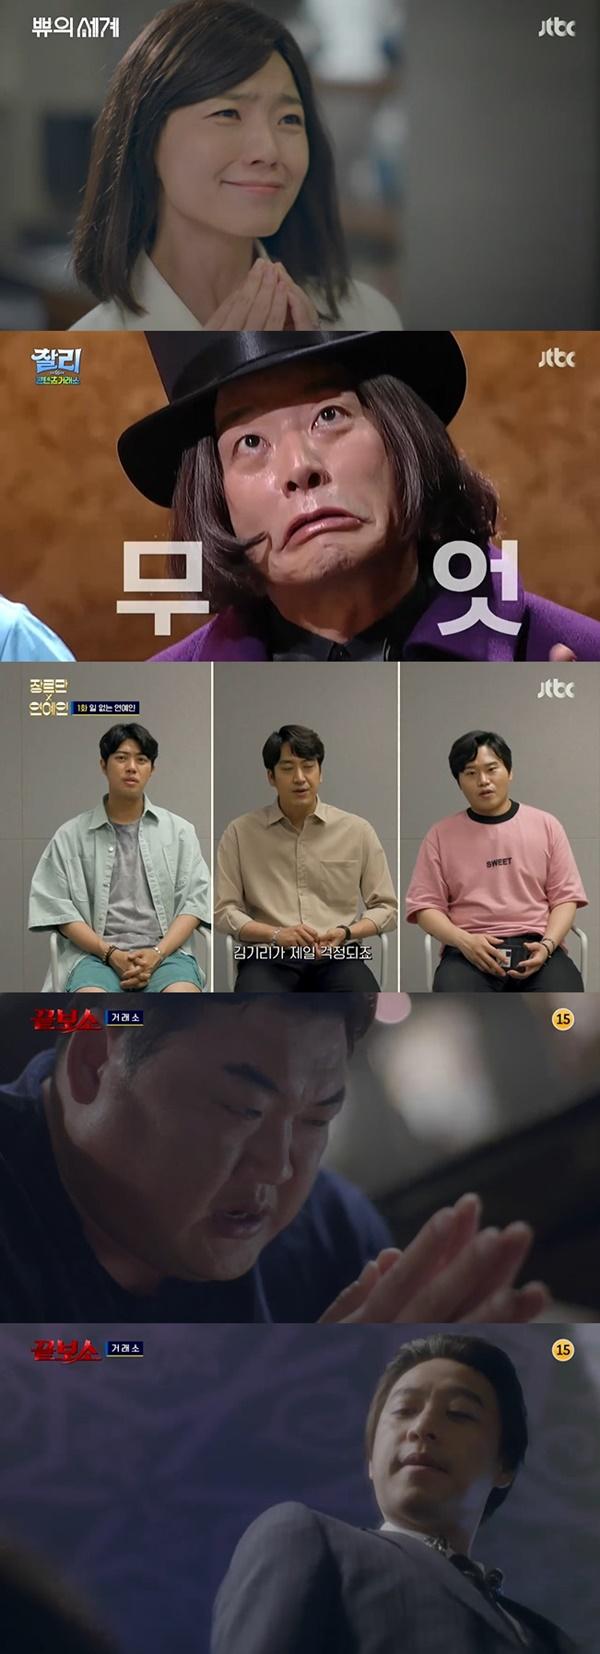 '장르만 코미디' 오만석→유세윤·안영미, 미스터리부터 다큐까지 [종합][엘루이 토토|체크메이트 토토]